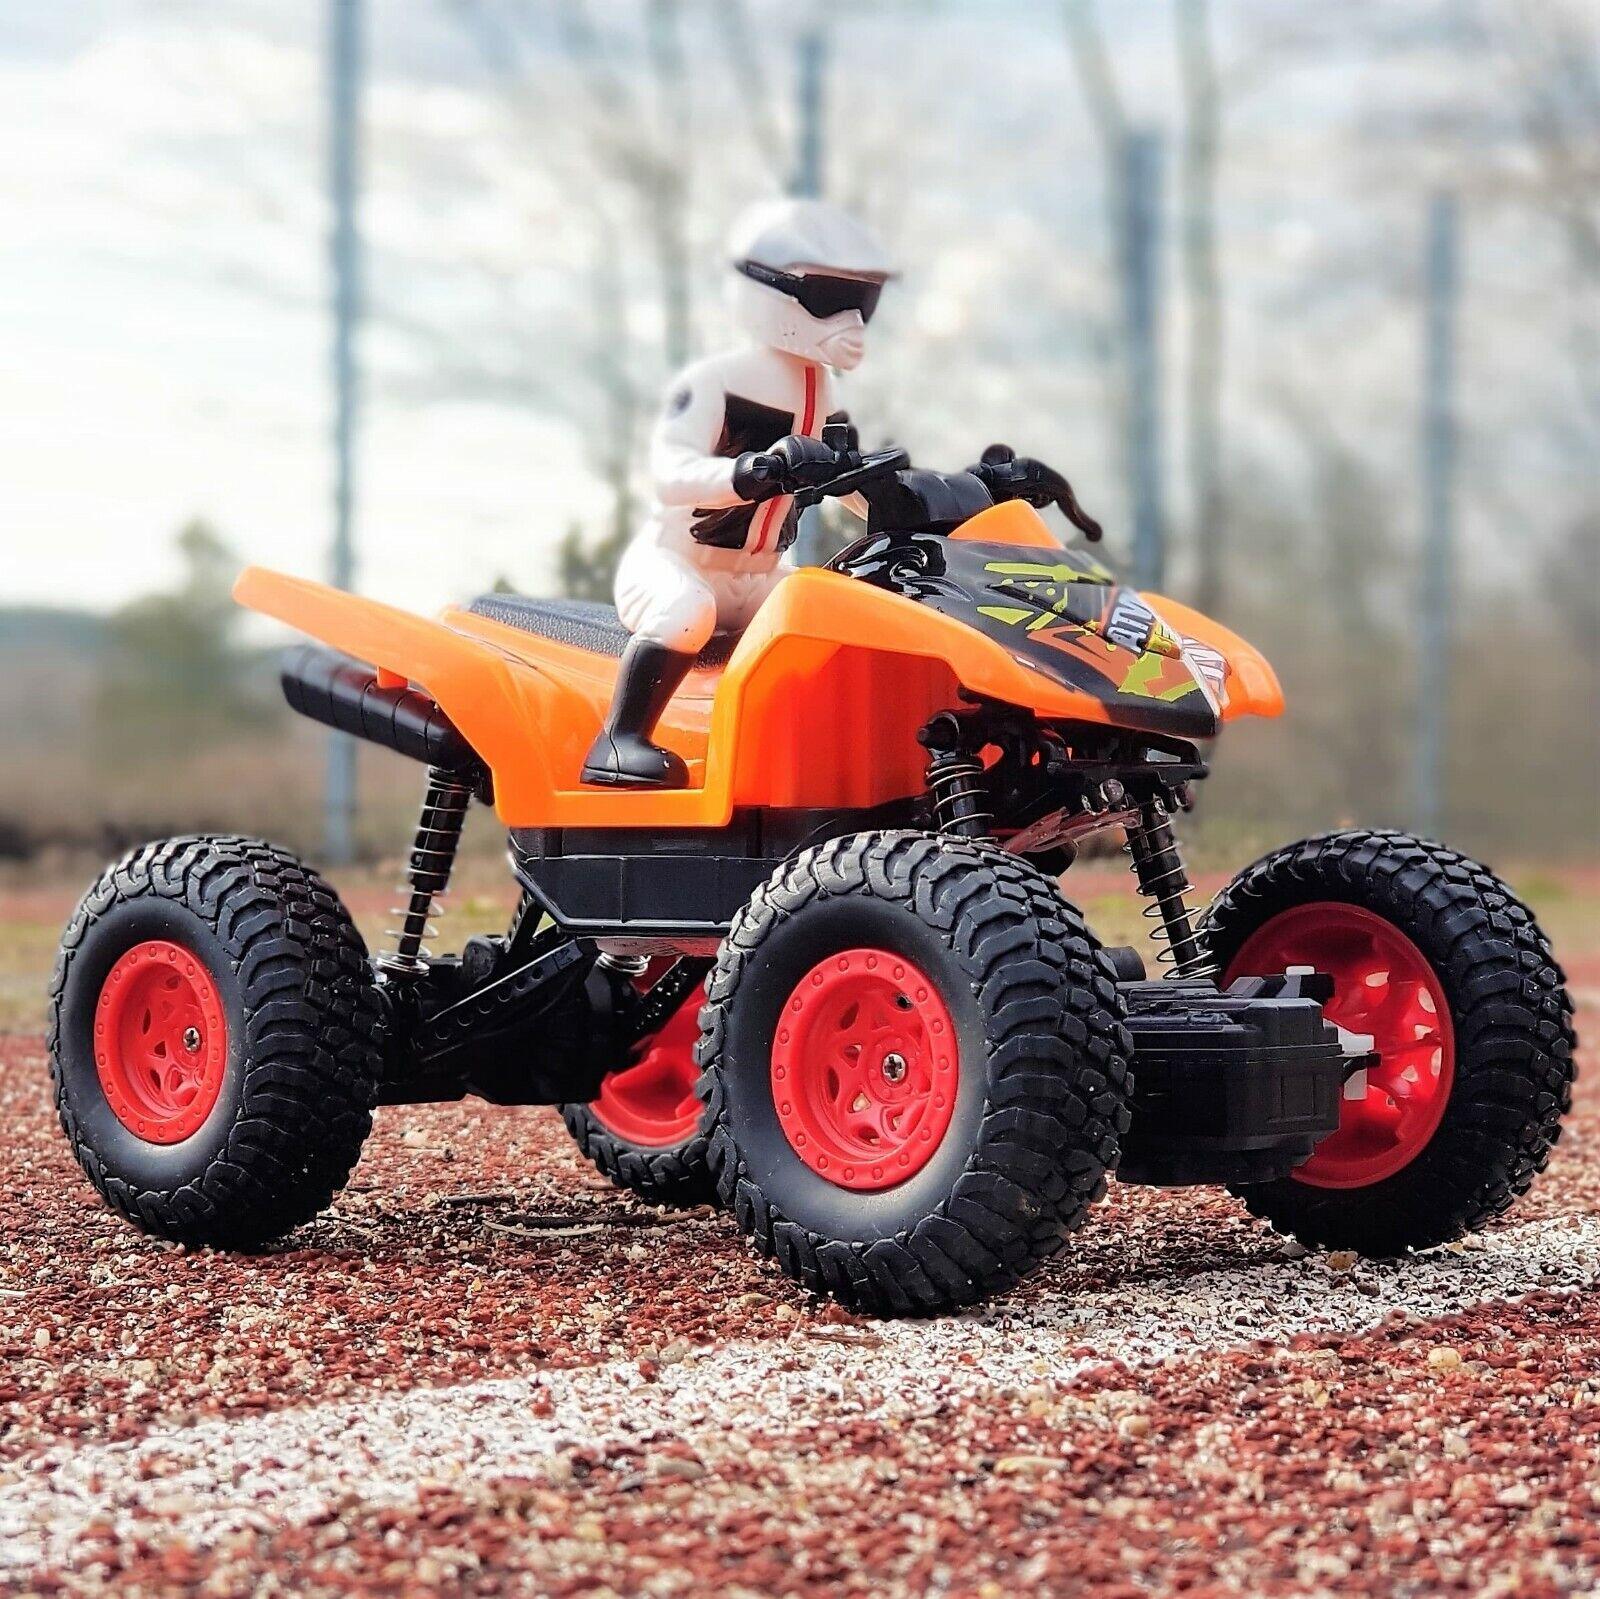 RC ferngesteuertes Motorrad 2064 ATV Quad Bike kinder geschenk spielzeug & Akku